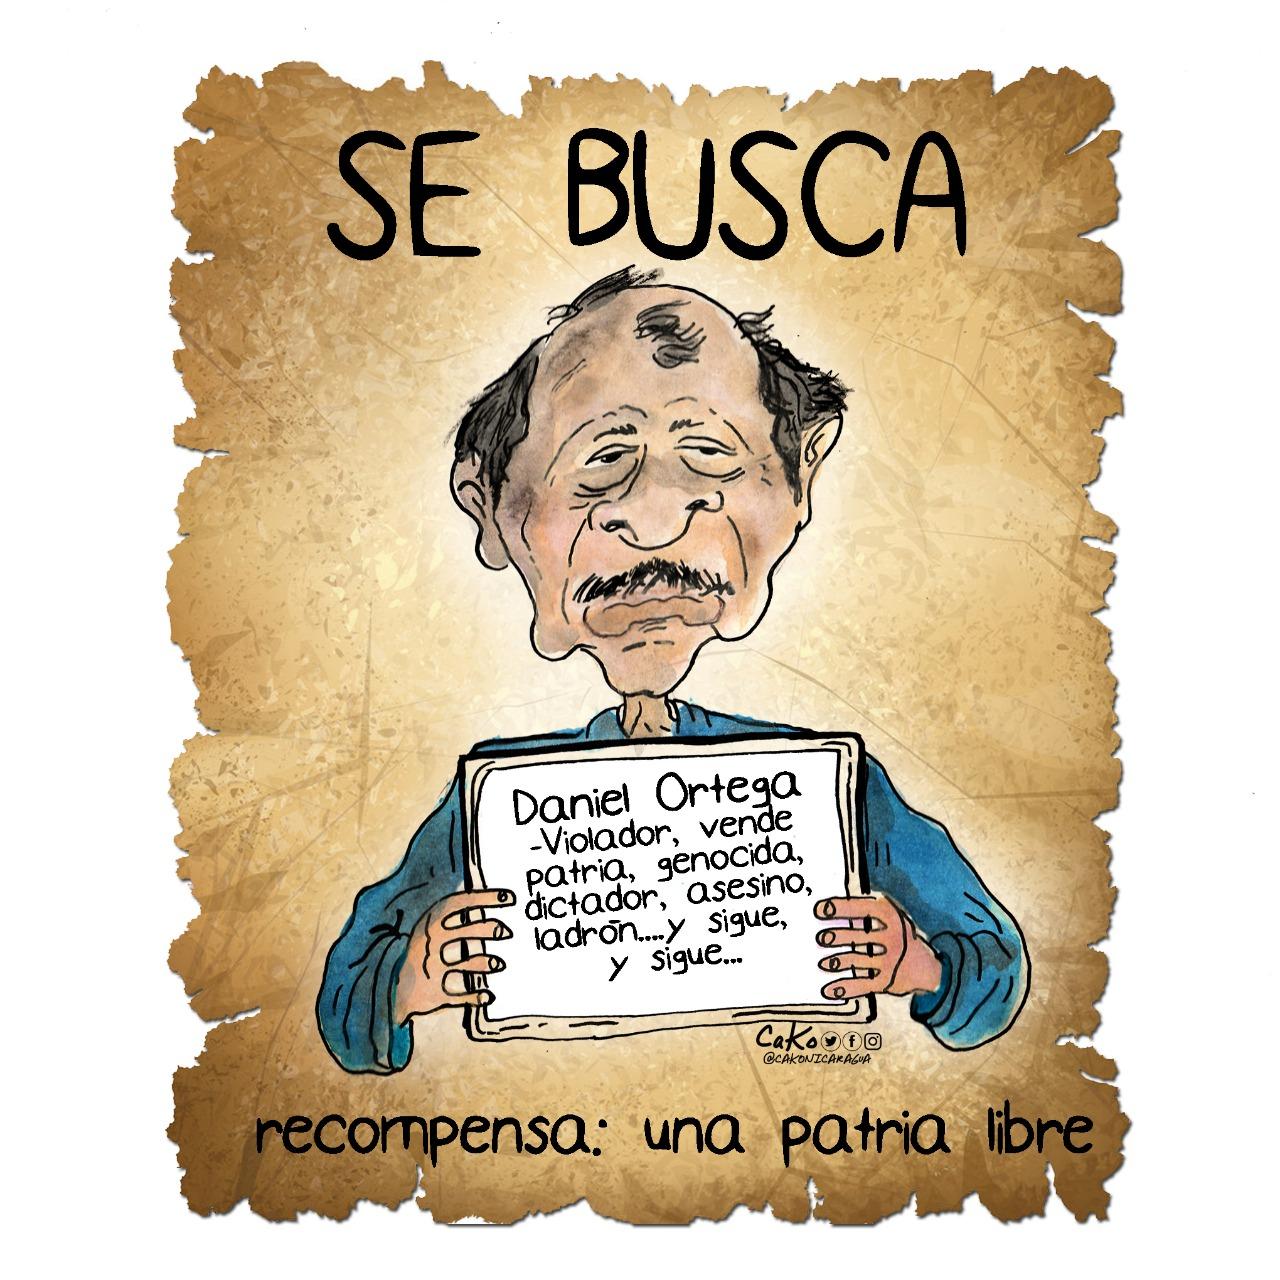 La Caricatura: SE BUSCA